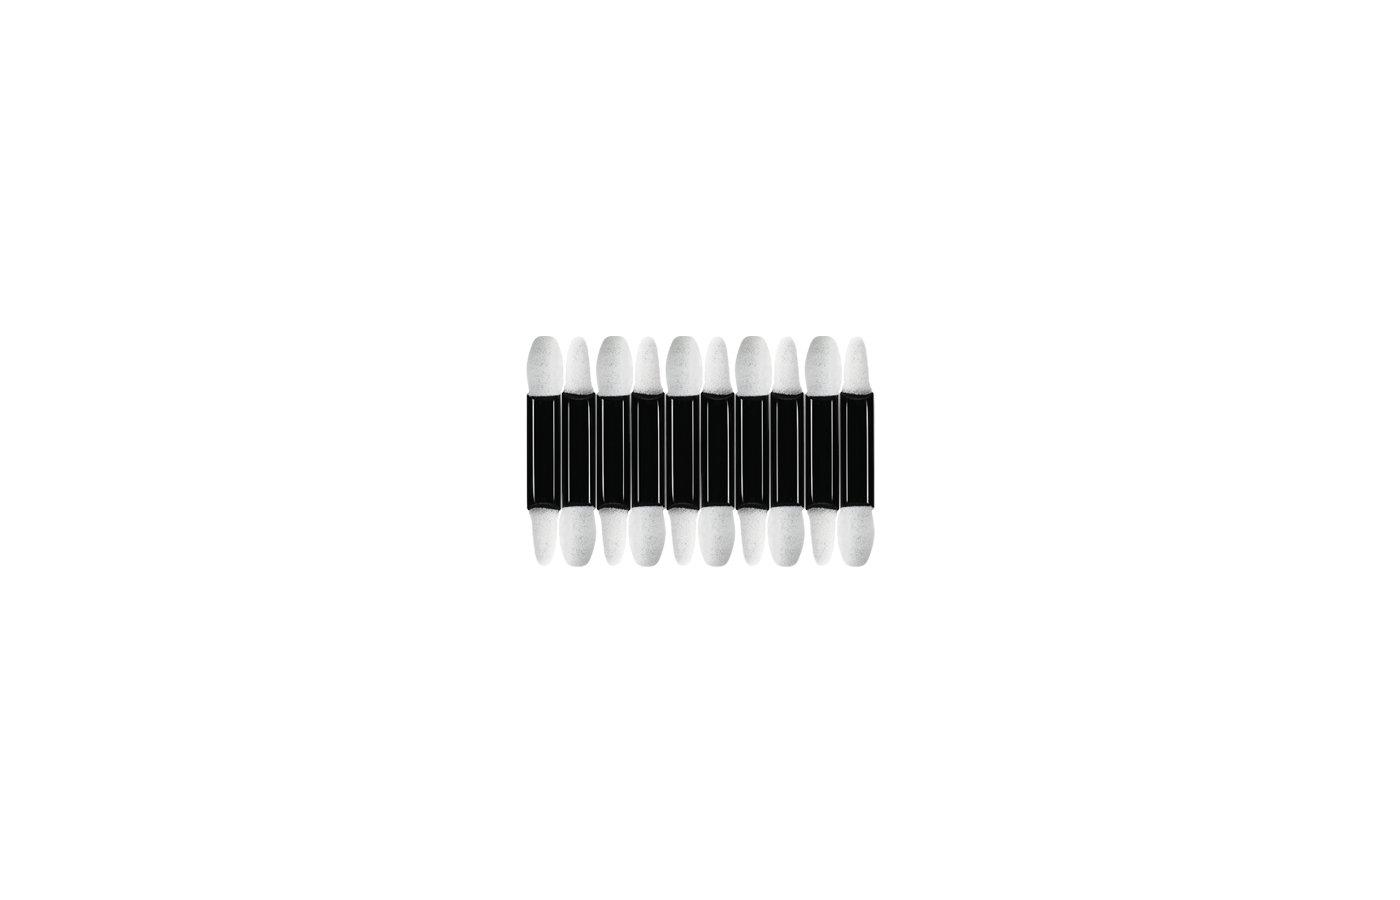 Приборы для маникюра и макияжа QVS 1106 Аппликаторы д/макияжа глаз двусторонние наконеч. из губки (10 шт.)